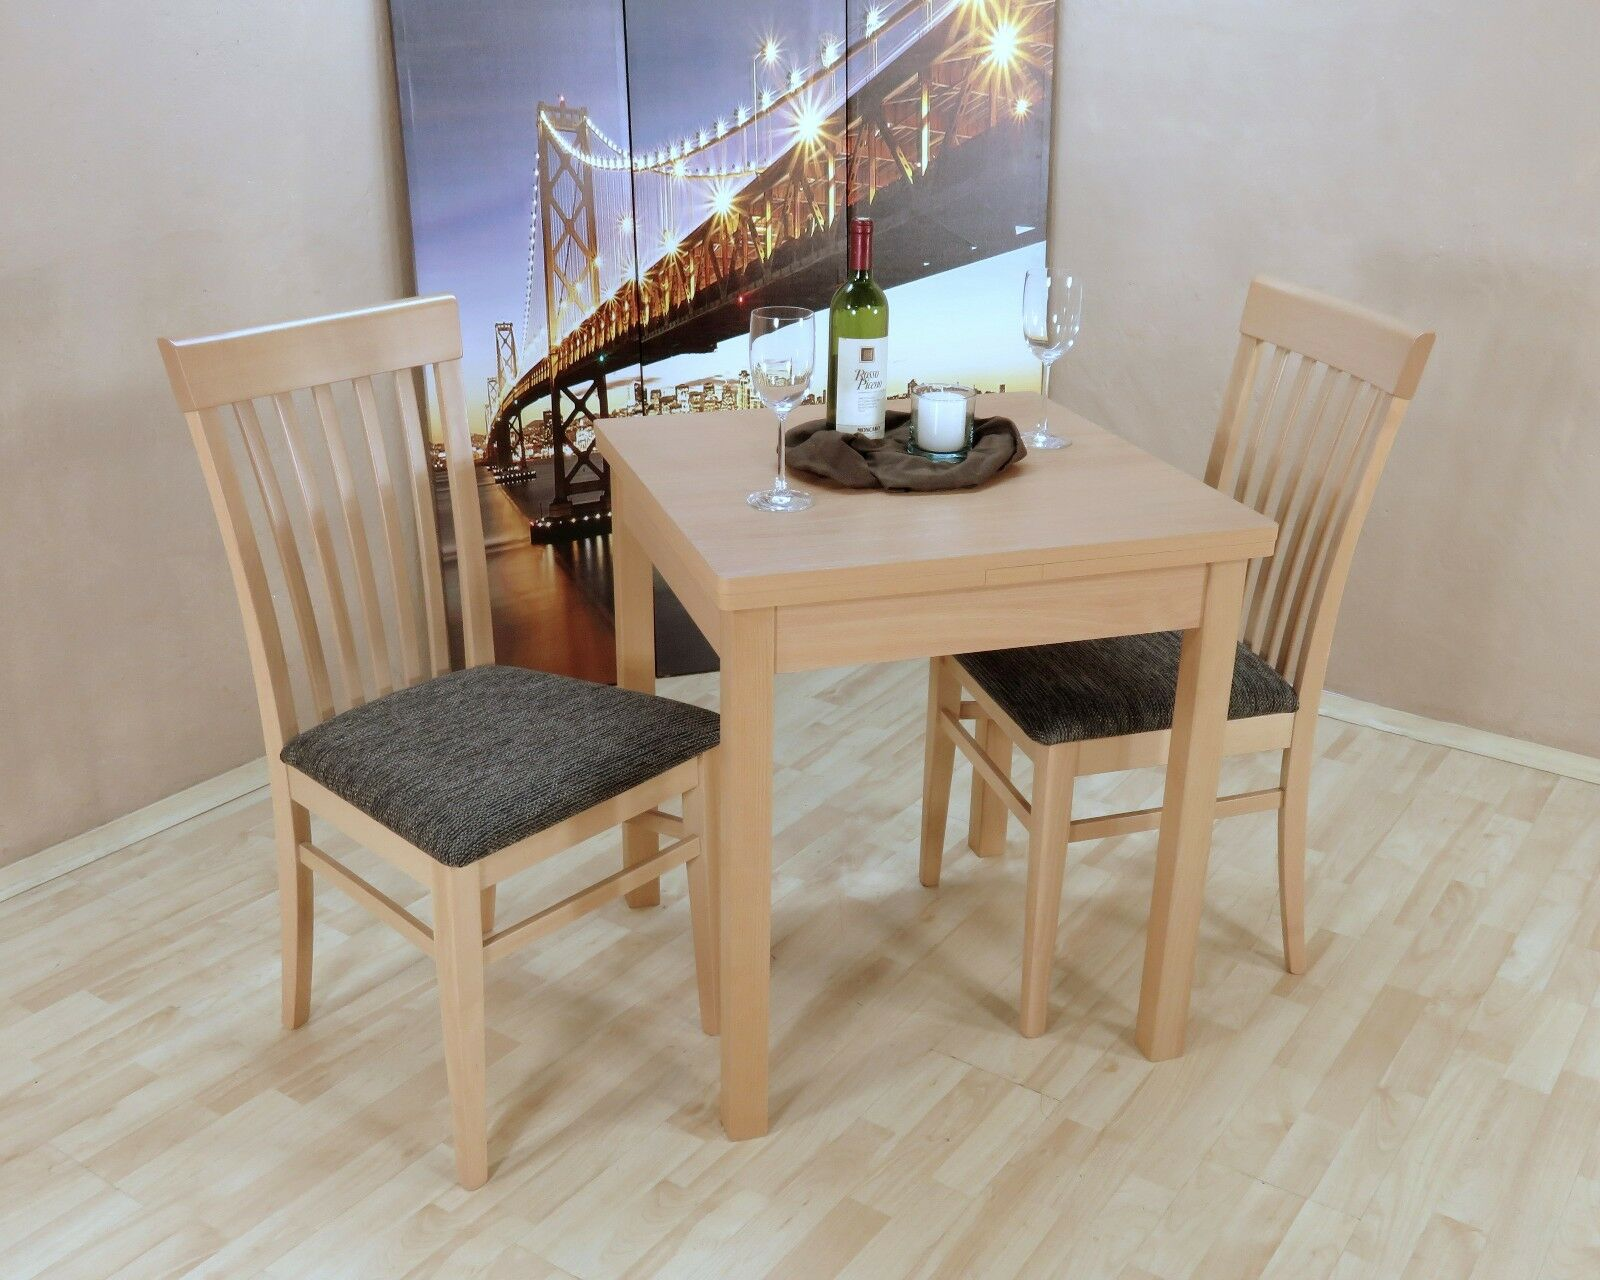 Tischgruppe Buche Massiv Natur Anthrazit Essgruppe 2 X Stühle